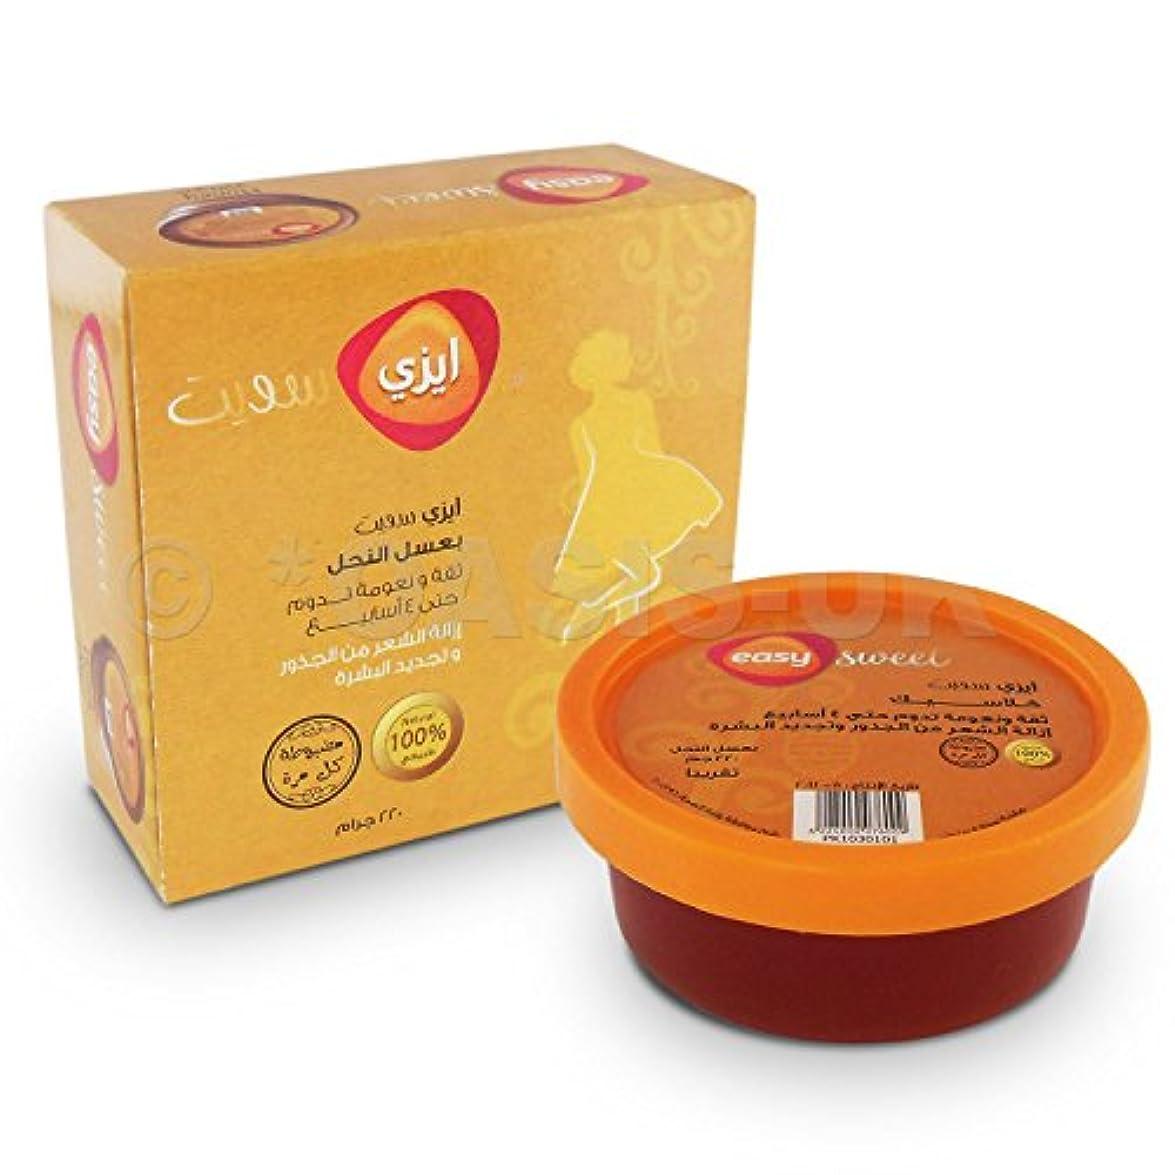 愛国的な水曜日位置づける100% Natural 200 gm Sugaring Sugar Wax Hair Removal Honey & Molasses Sweet Paste (Honey)